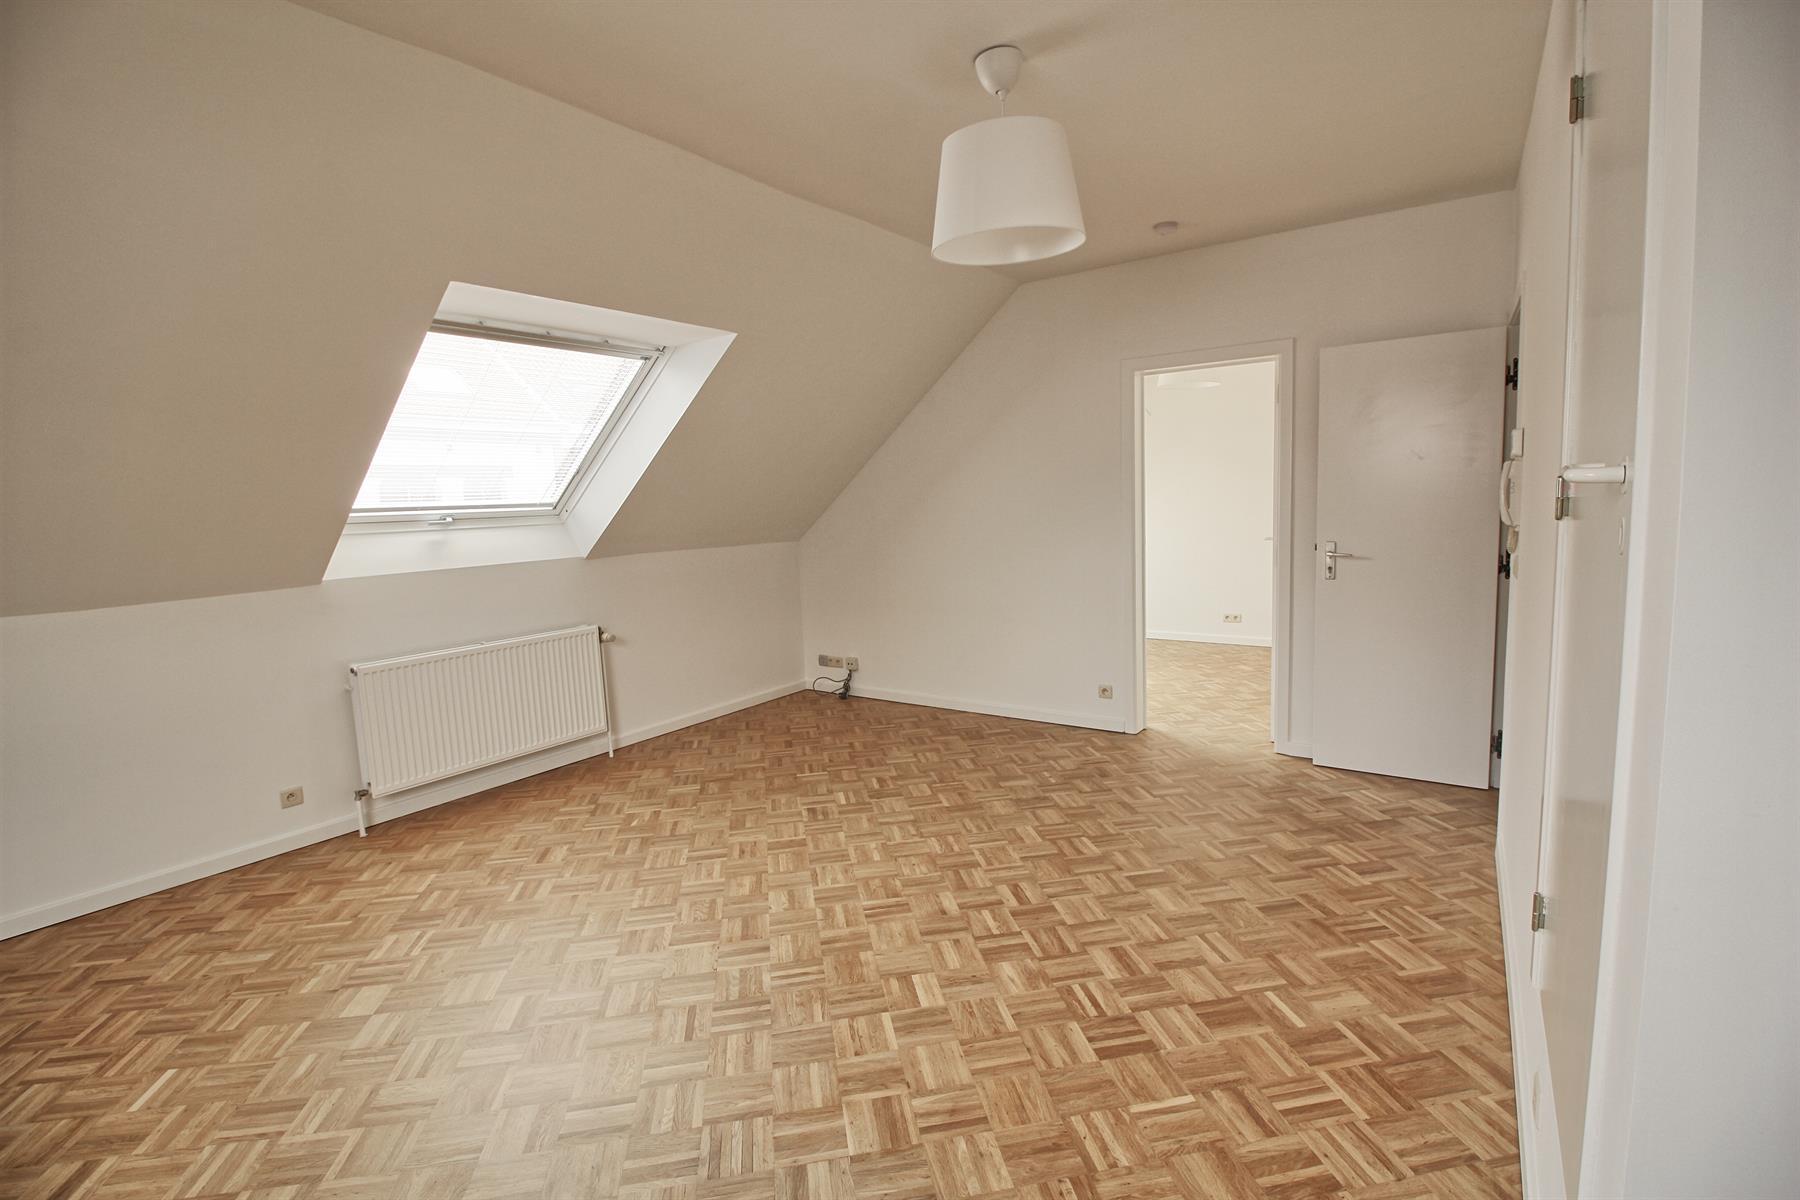 Appartement - Etterbeek - #4277250-2